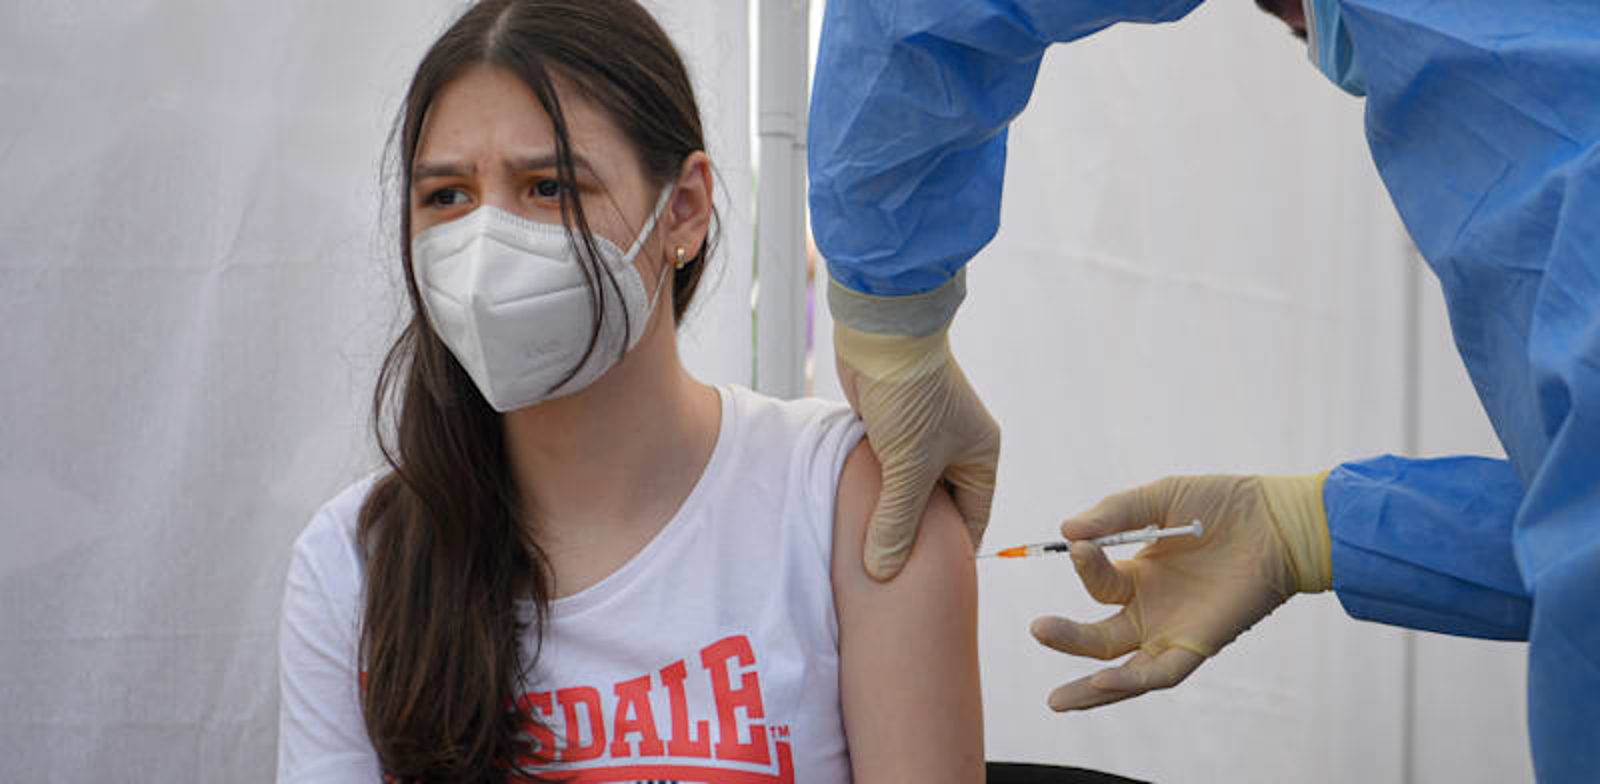 בני נוער מתחסנים נגד קורונה / צילום: Associated Press, Andreea Alexandru